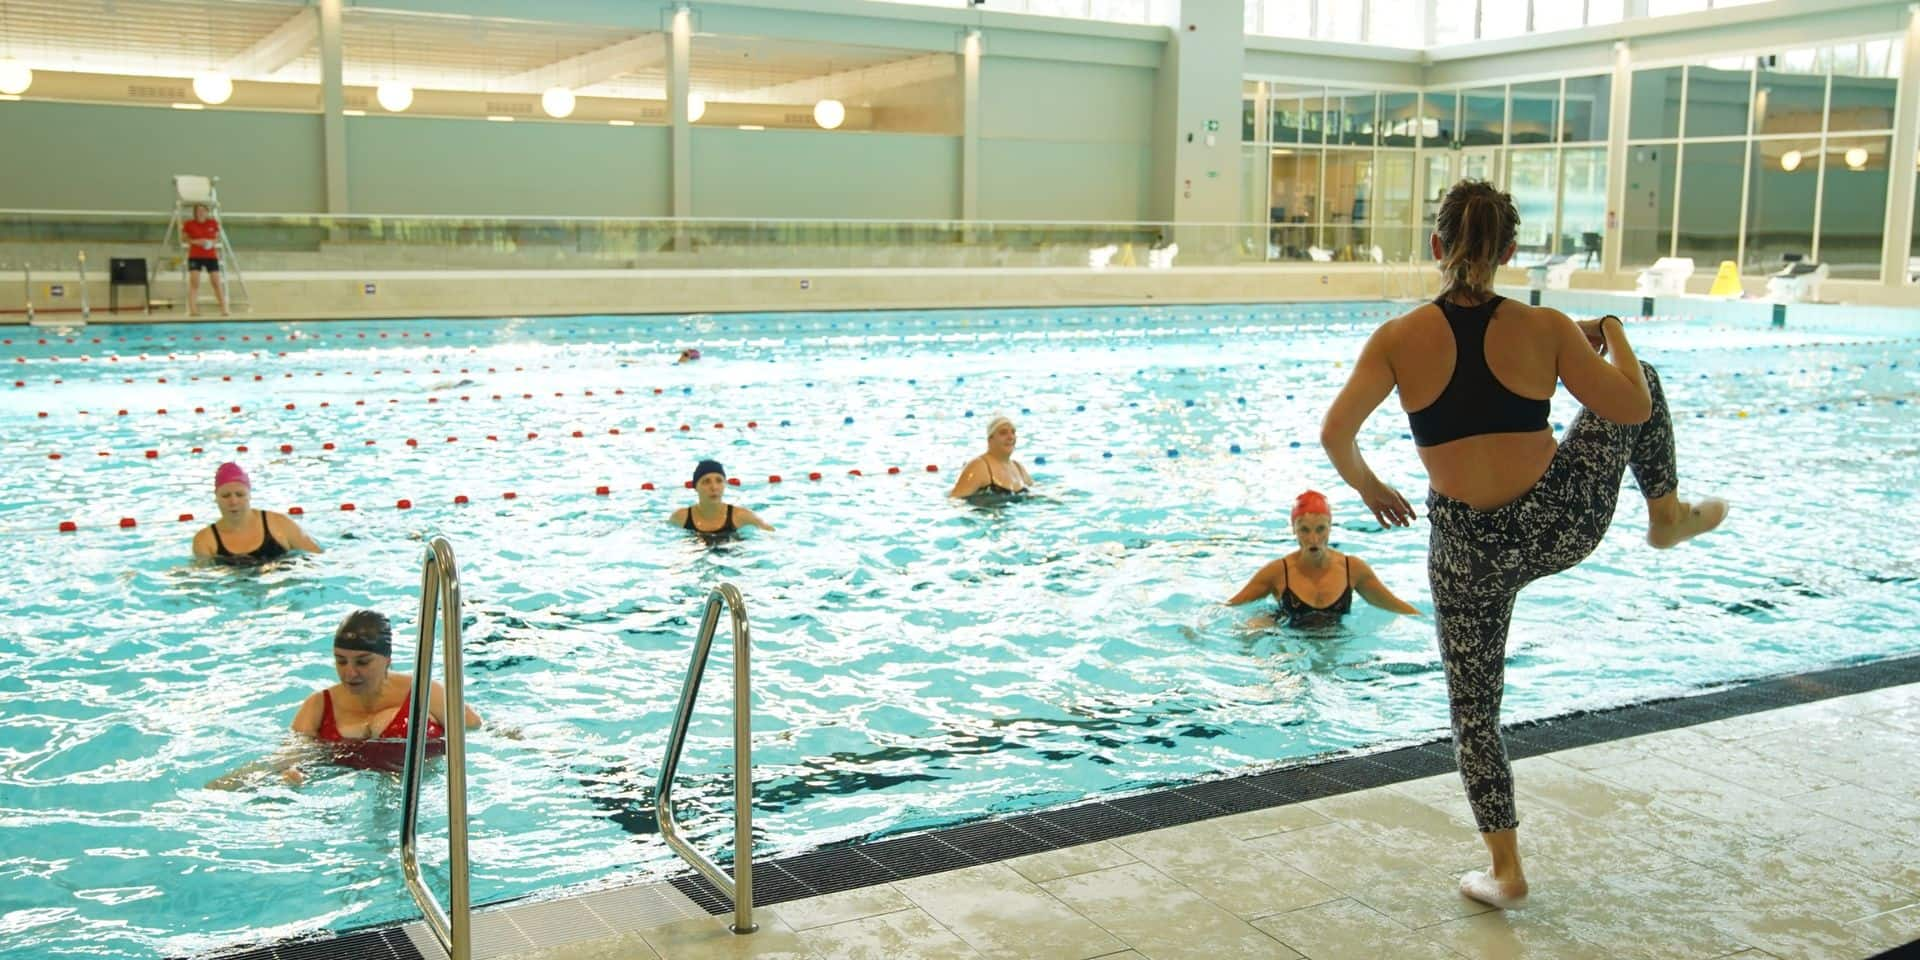 La piscine de Braine-l'Alleud rouvrira finalement le 14 décembre